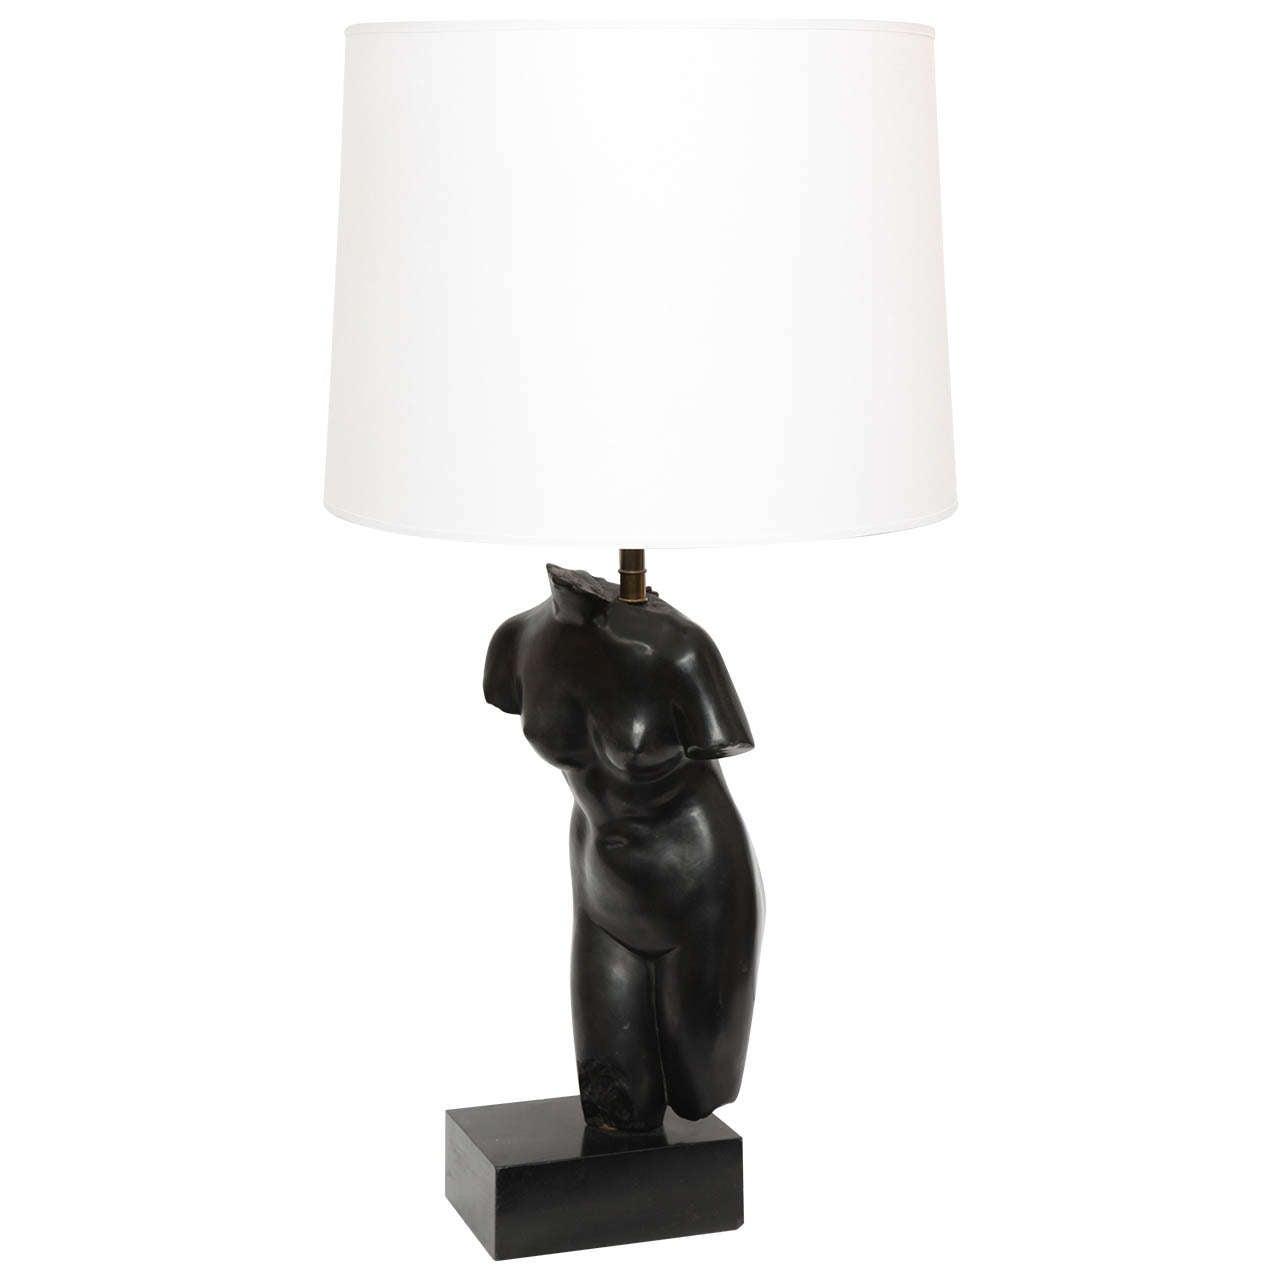 1940s Art Moderne Torso Lamp